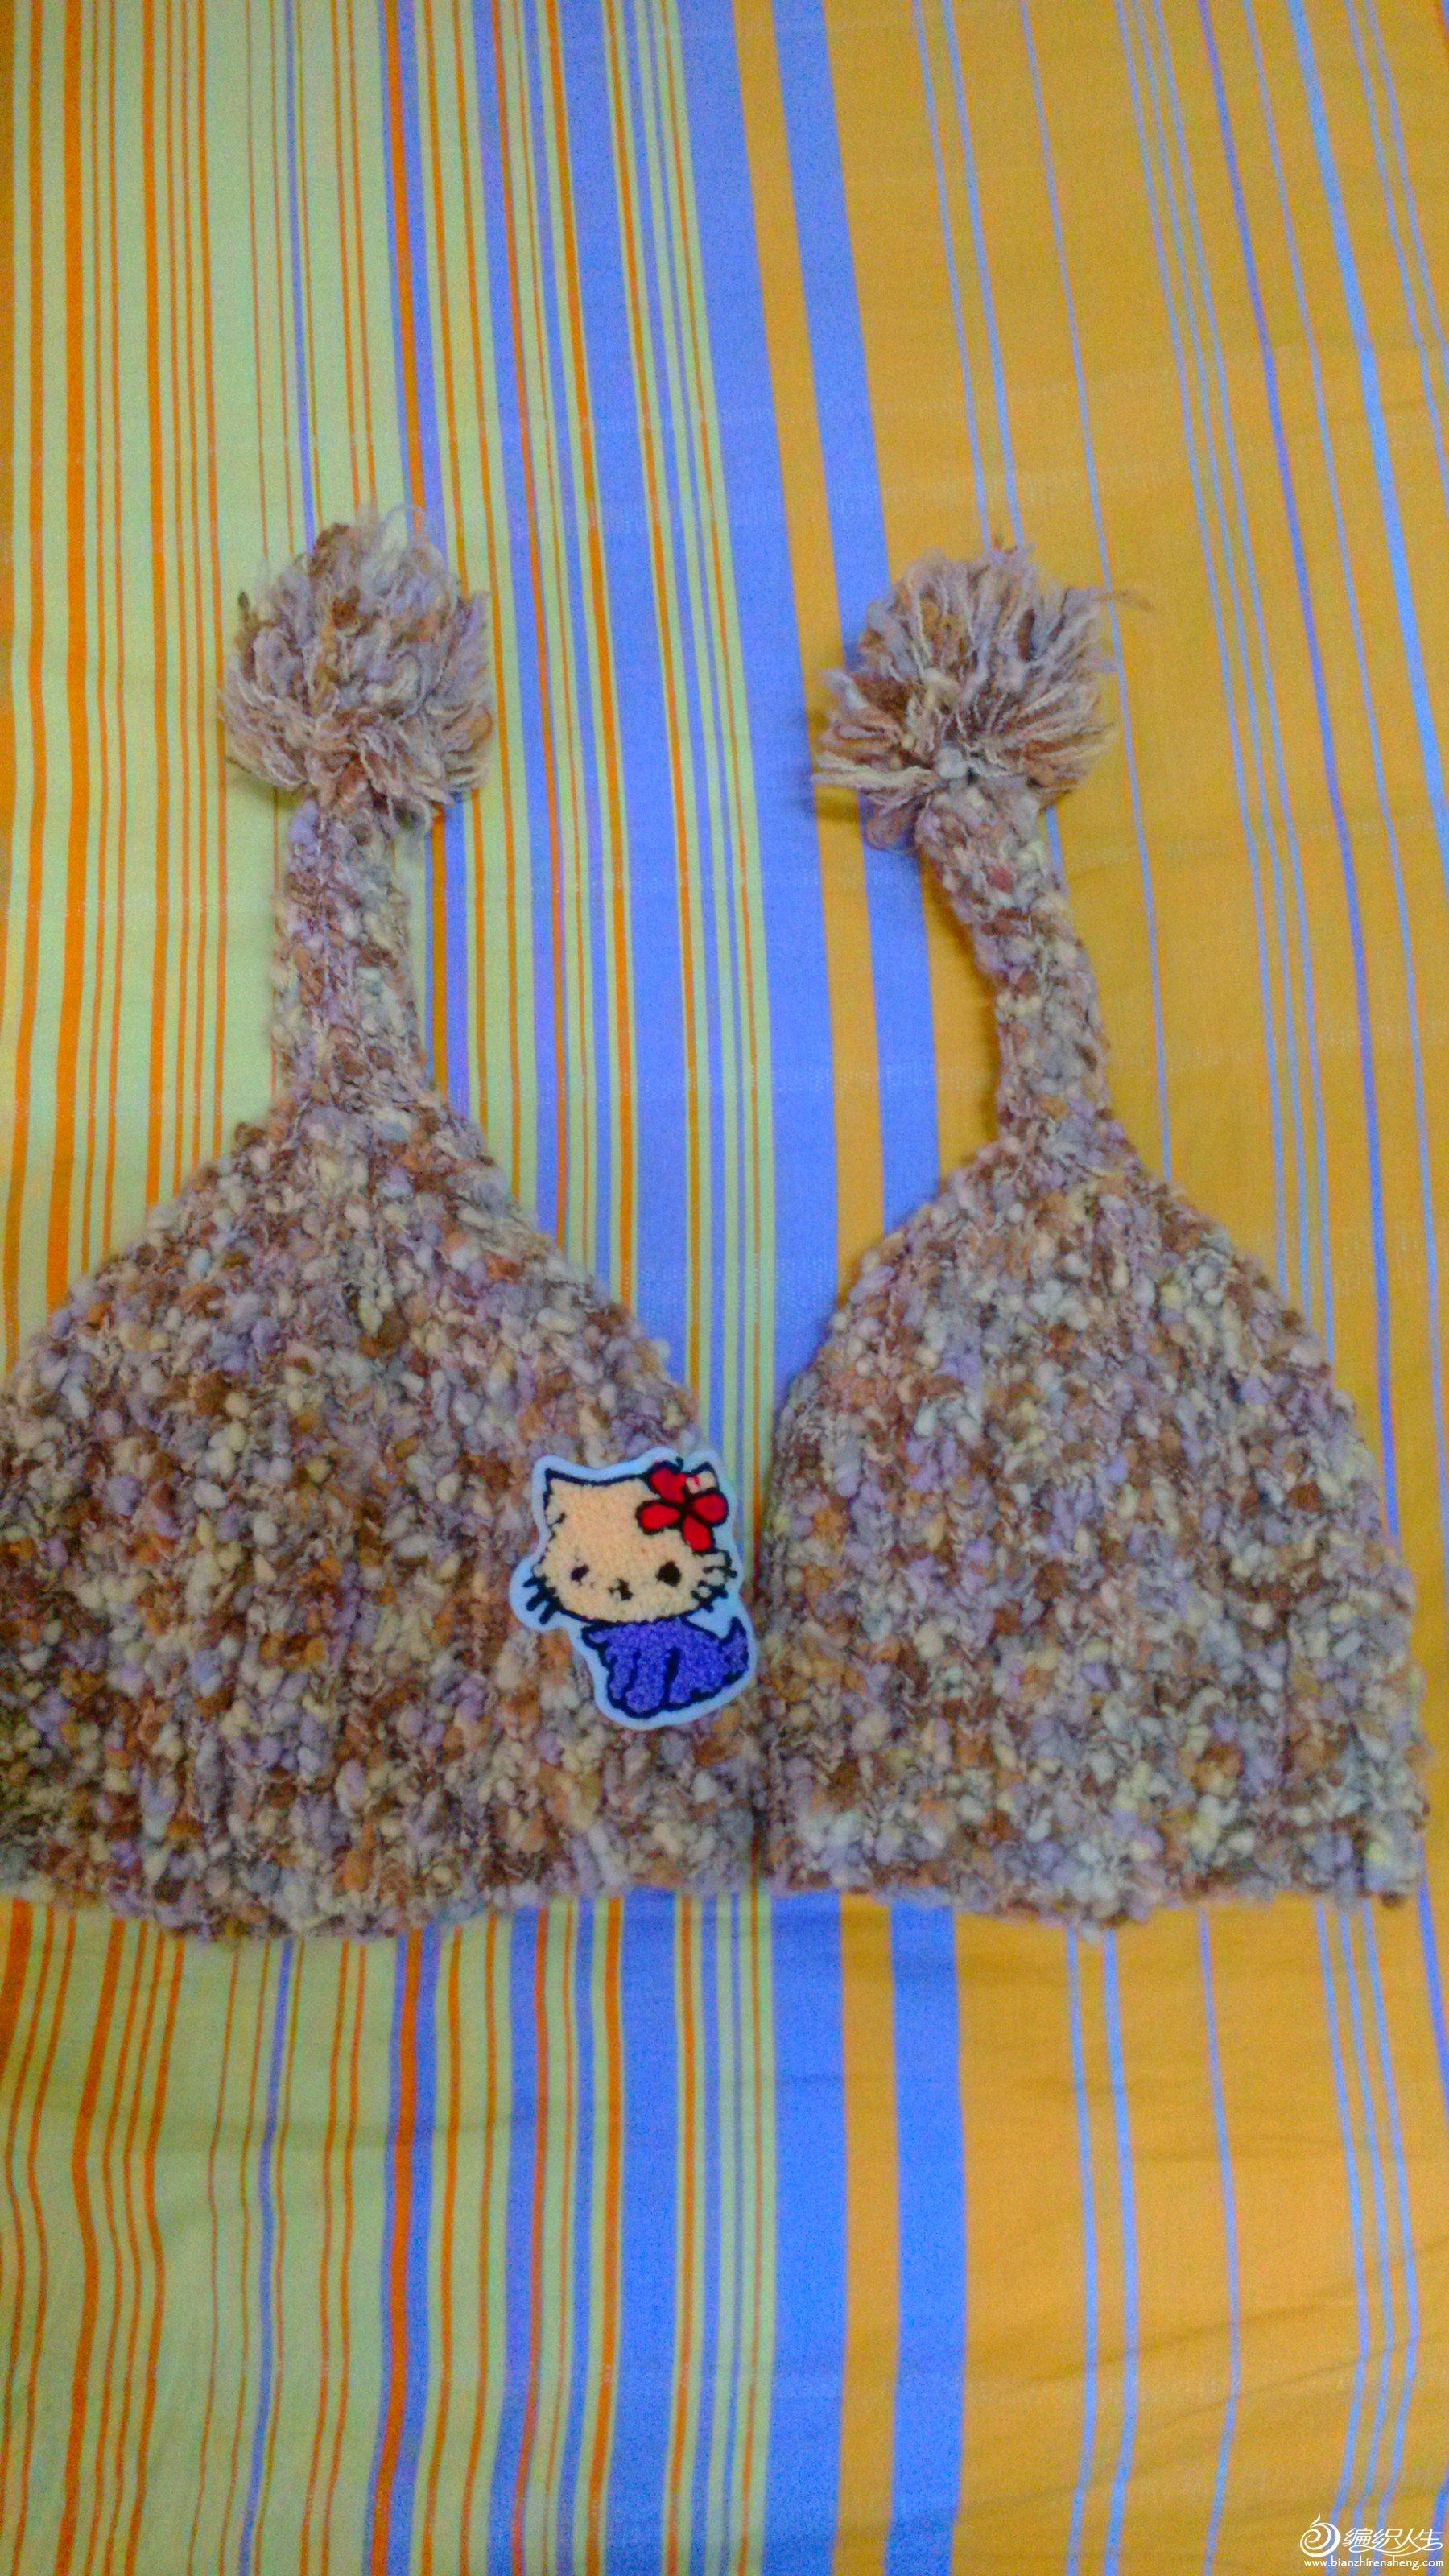 据说这样的帽子收到了很多人的夸奖,为此织了双胞胎,给S了一顶